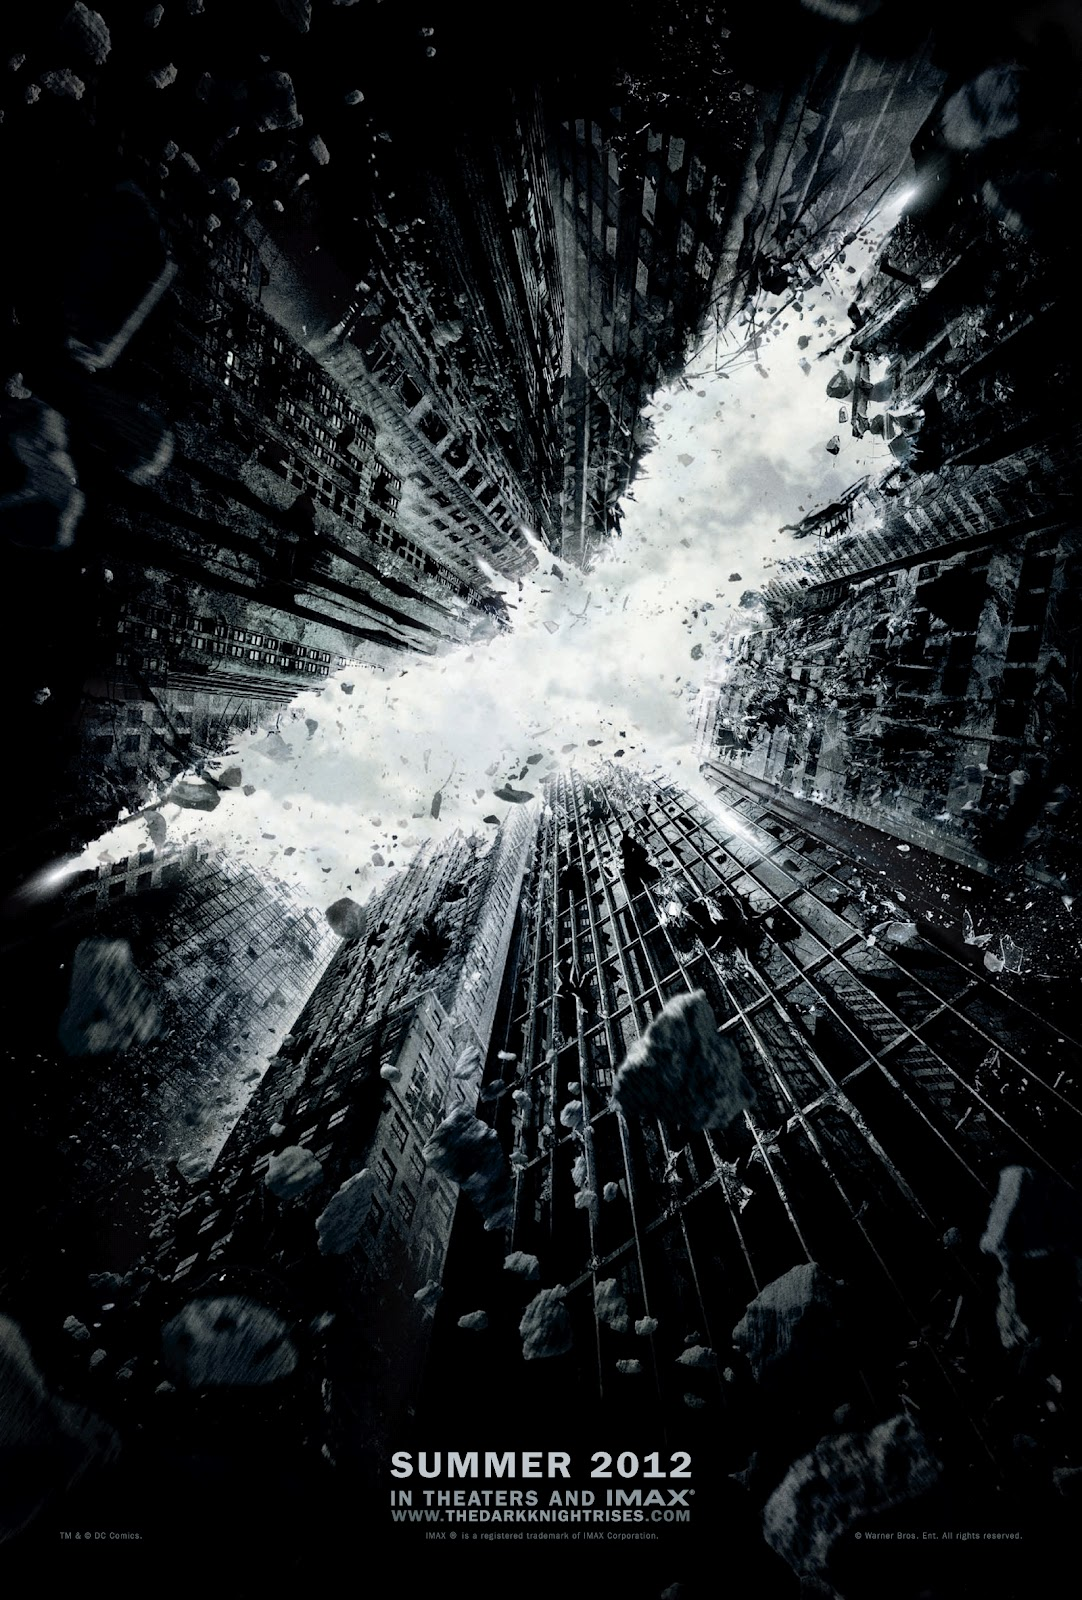 http://4.bp.blogspot.com/-kS-bQp7dpYI/T7FJaviiRSI/AAAAAAAAD0M/su8tE2pNCrc/s1600/The+Dark+Knight+Rises.jpg